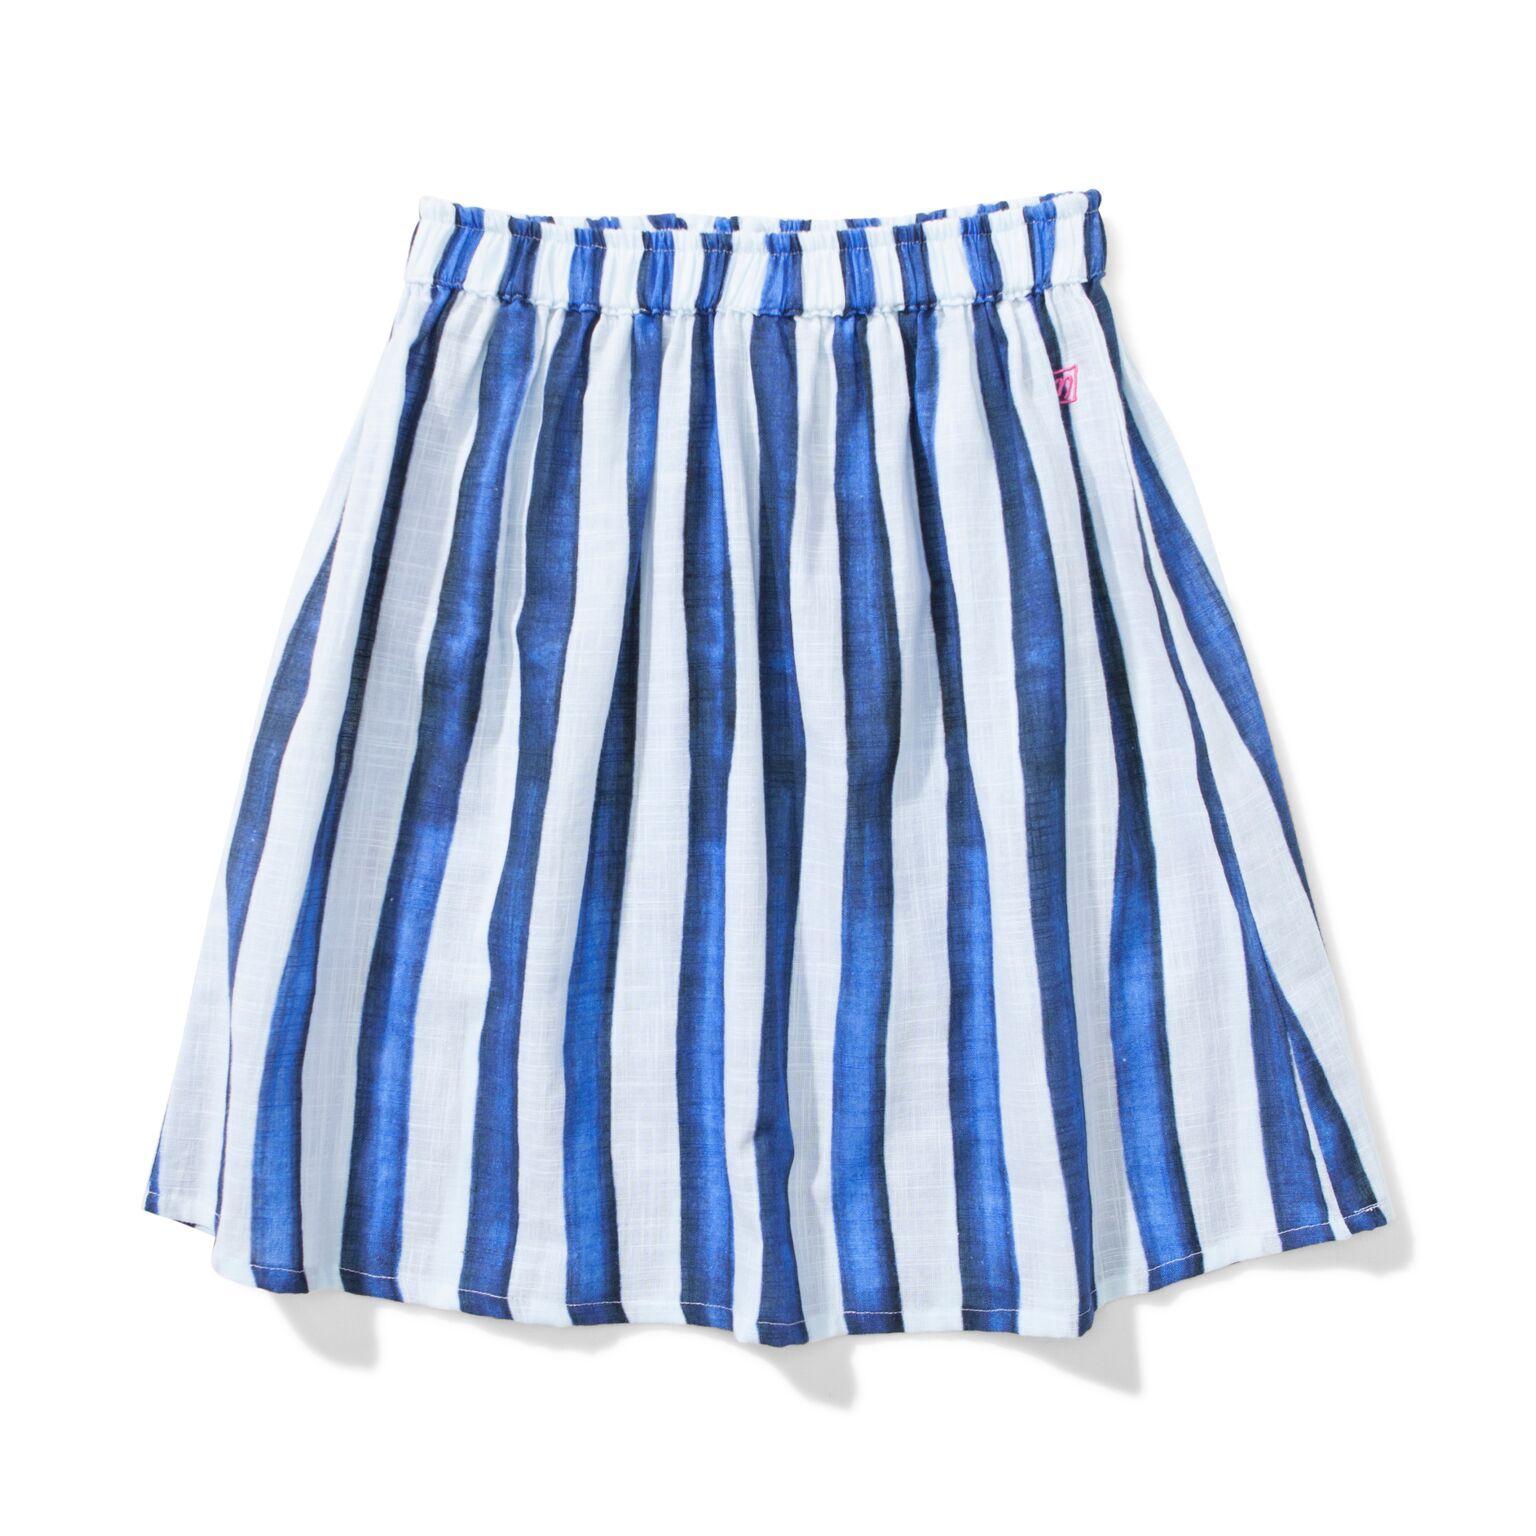 SOUL Striped Skirt